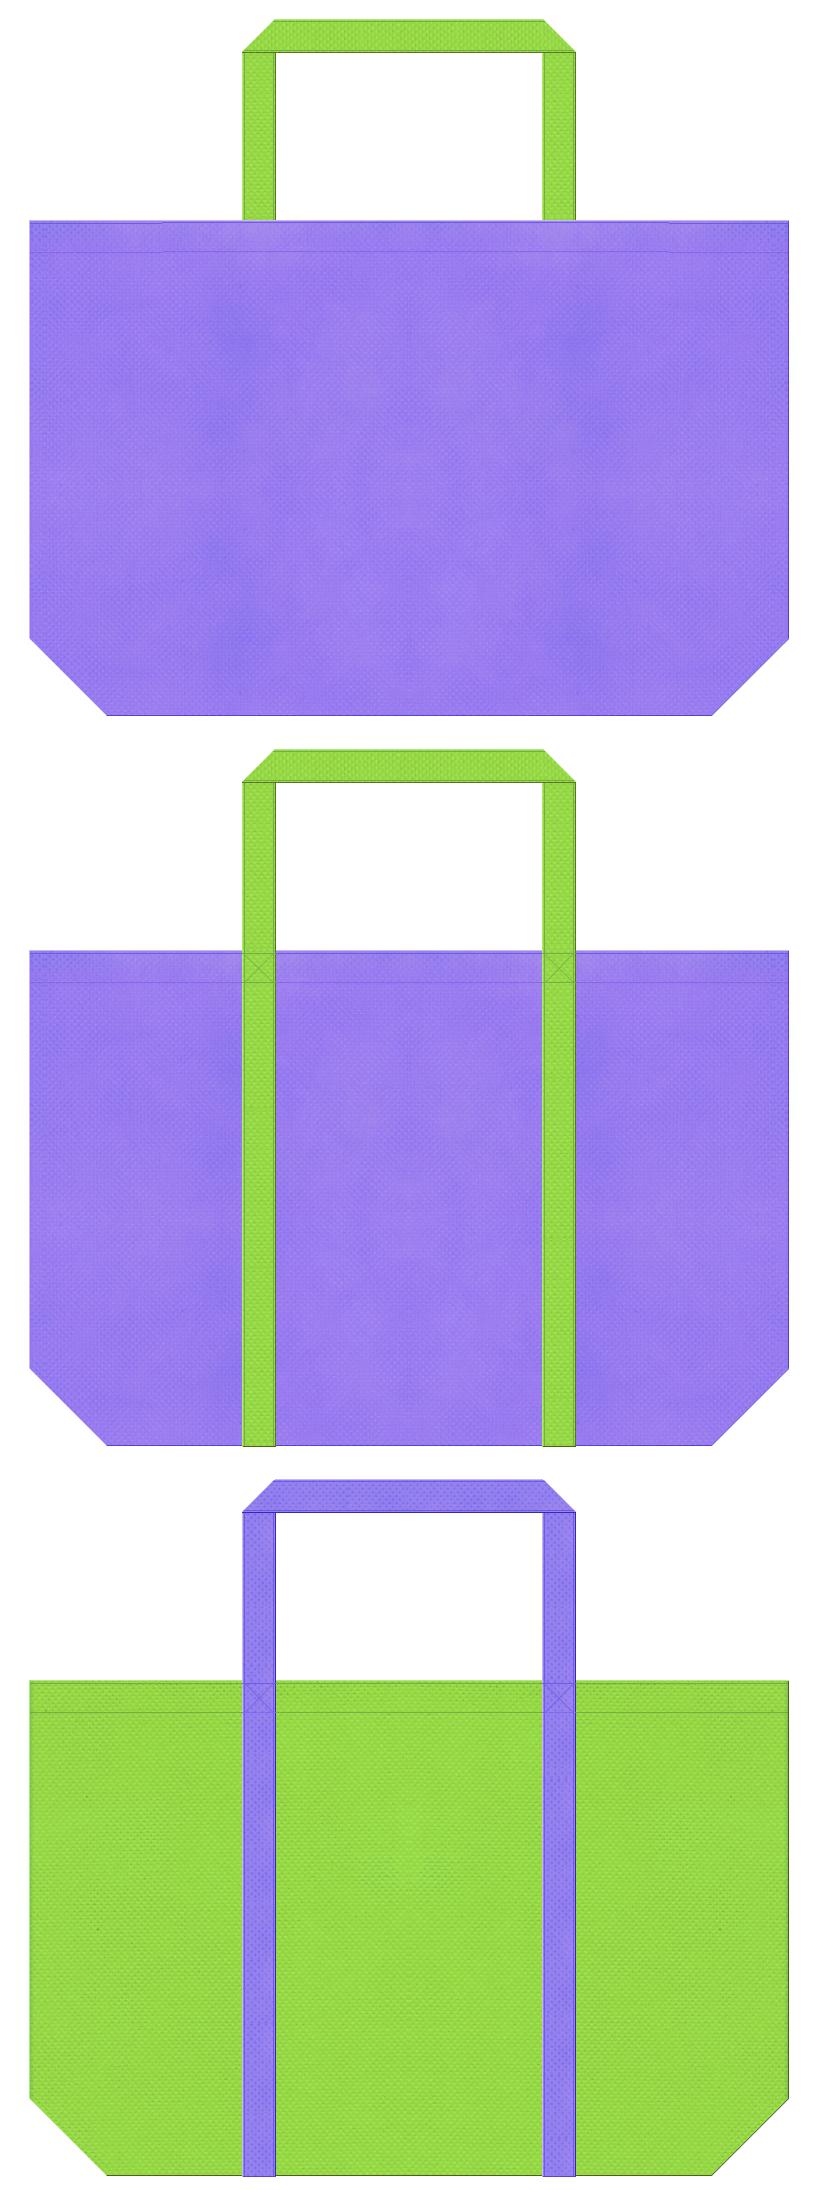 薄紫色と黄緑色の不織布バッグデザイン。あじさい風の配色で、お買い物エコバッグのノベルティにお奨めです。